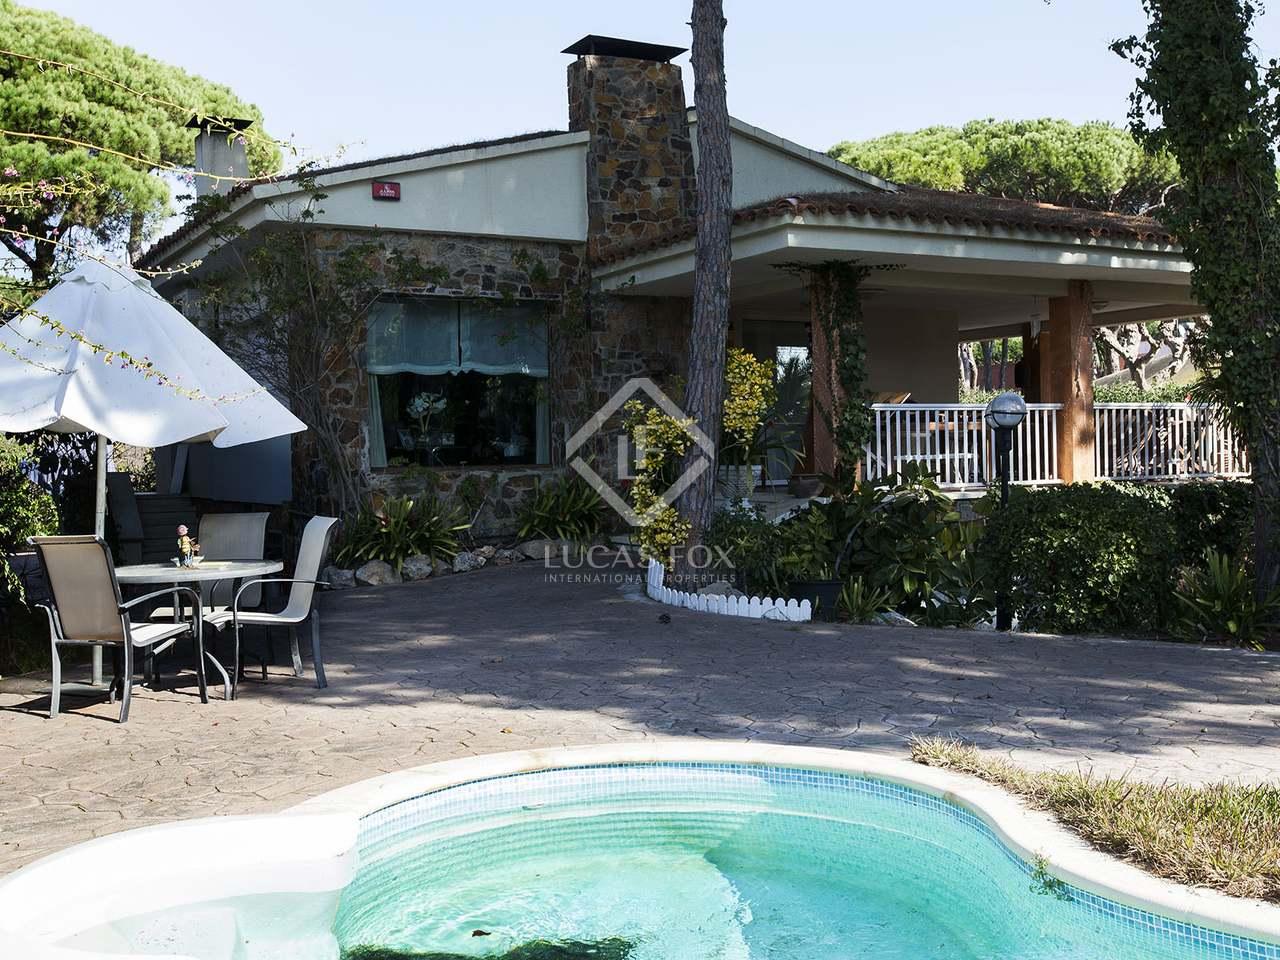 Villa unifamiliar cerca de la playa en venta en castelldefels Villa jardin donde queda